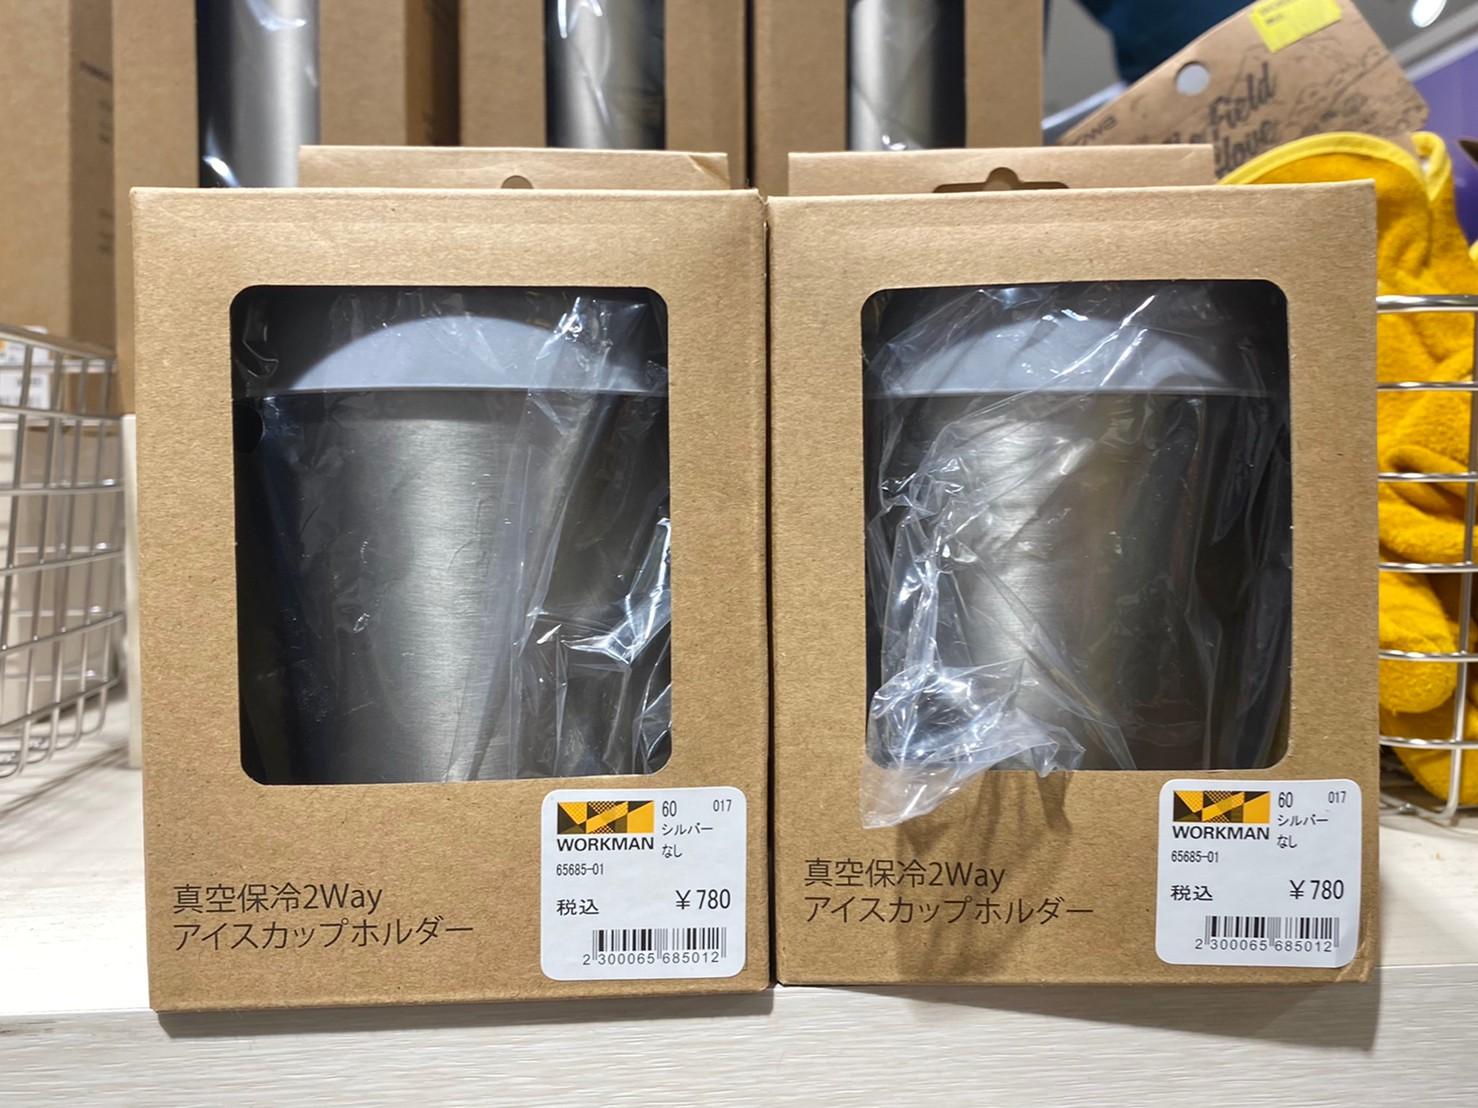 真空保冷2wayアイスカップホルダーの画像